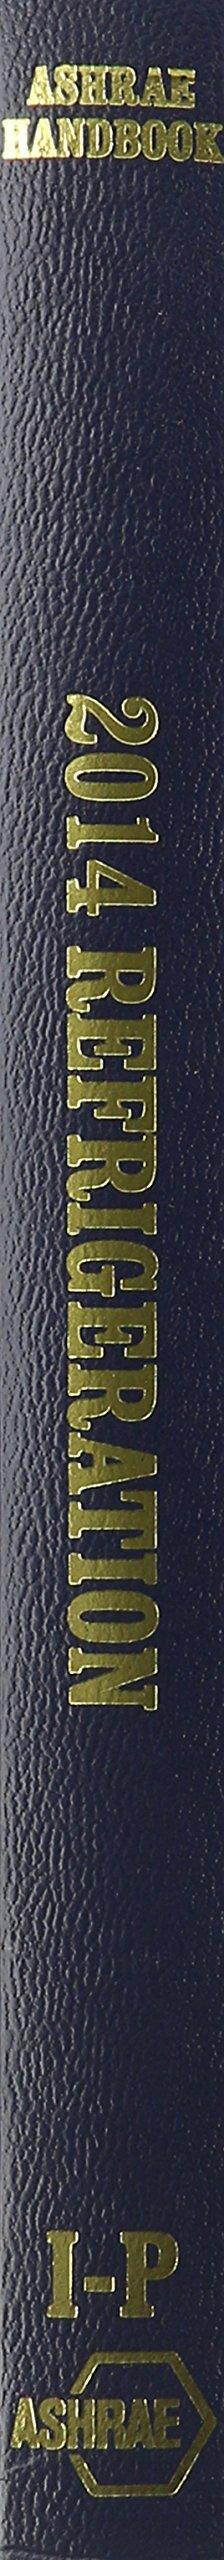 2014 ASHRAE Handbook -- Refrigeration (I-P) (ASHRAE Handbooks)